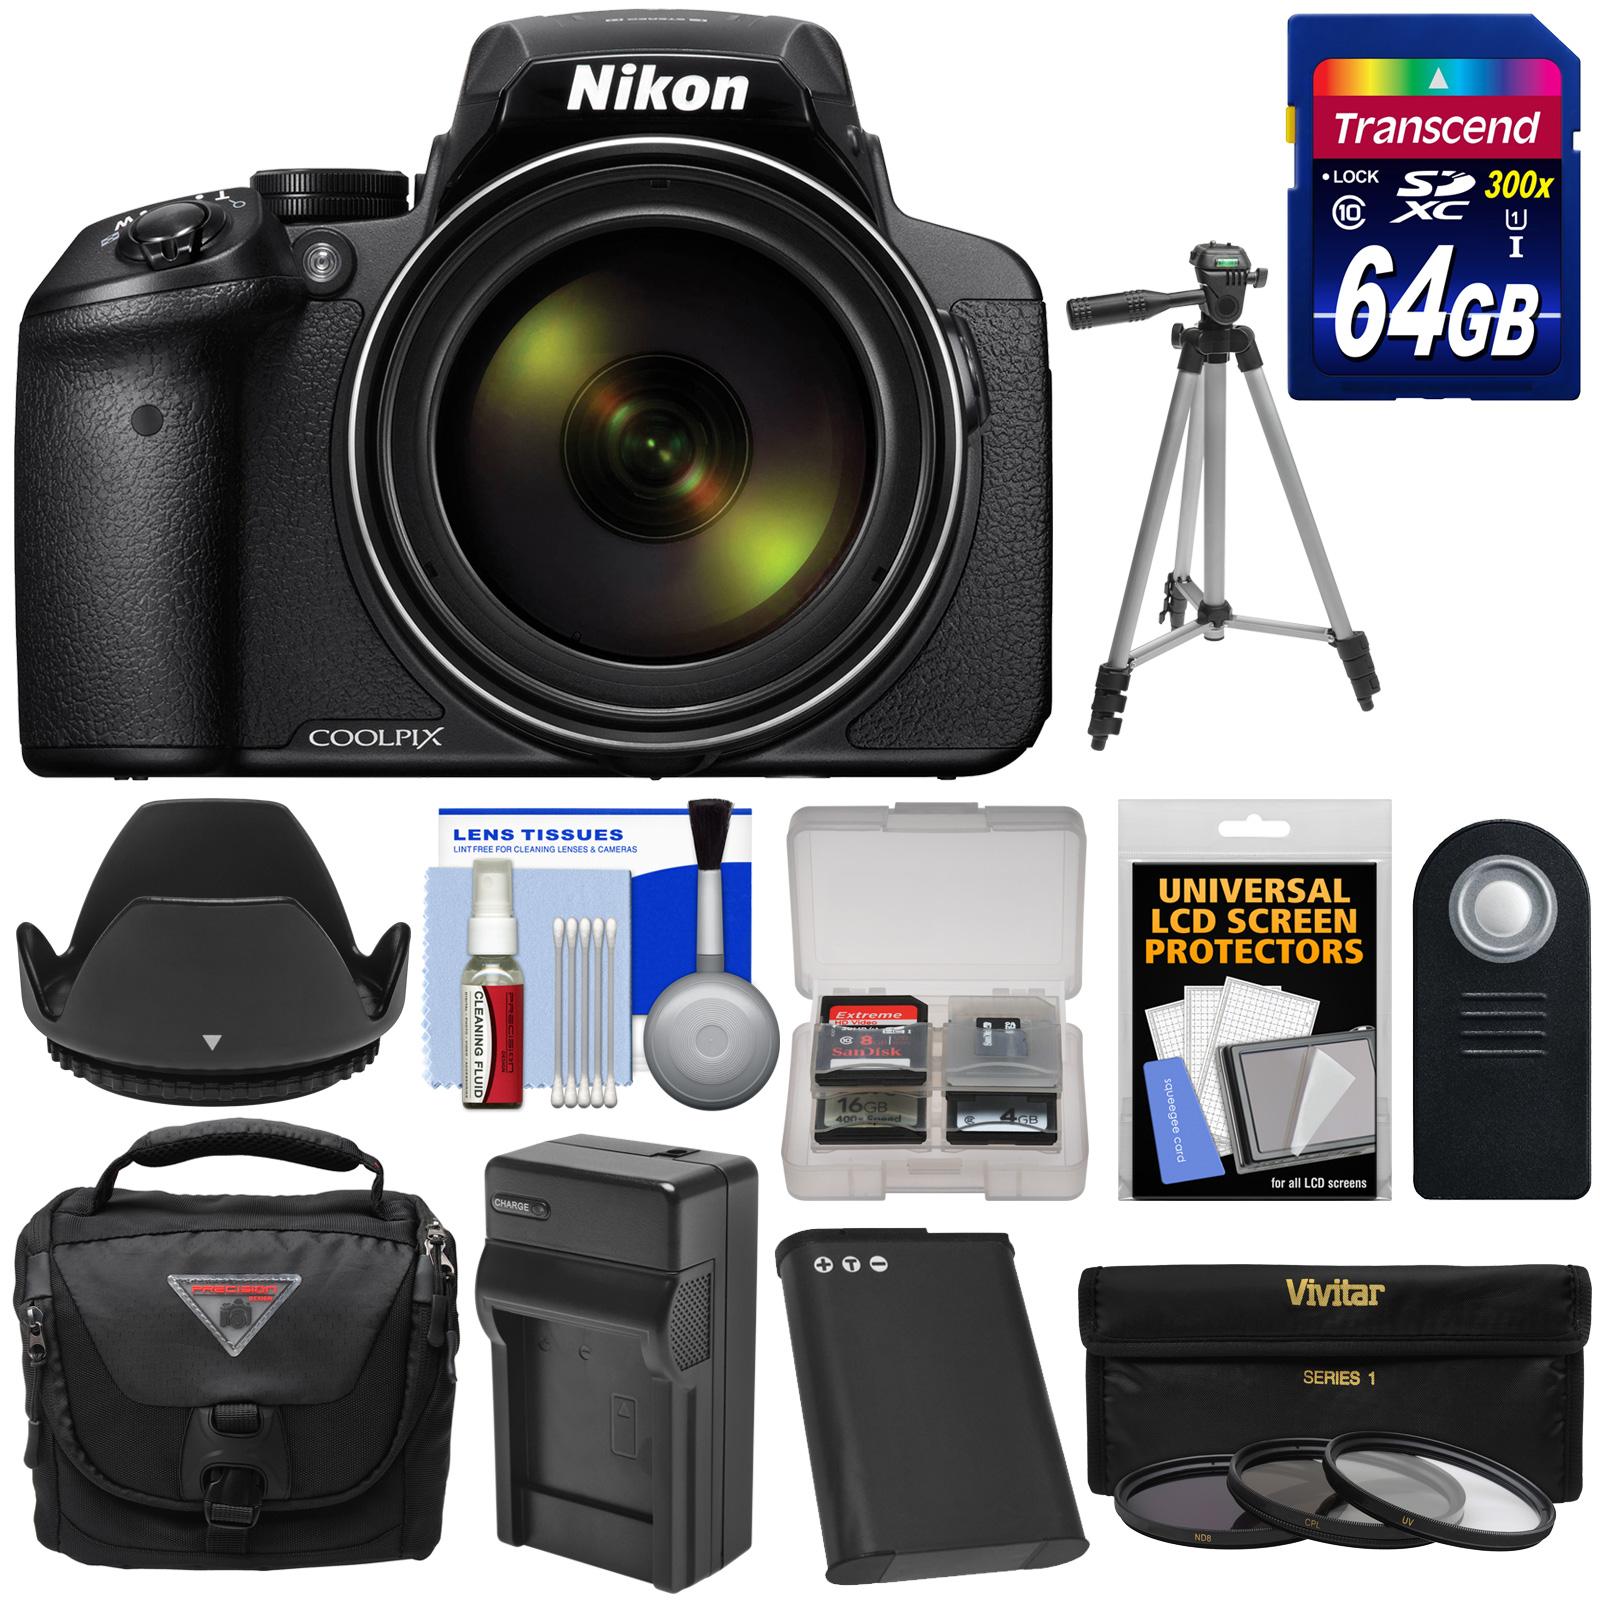 Nikon Coolpix P900 Wi Fi 83x Zoom Digital Camera With 64gb